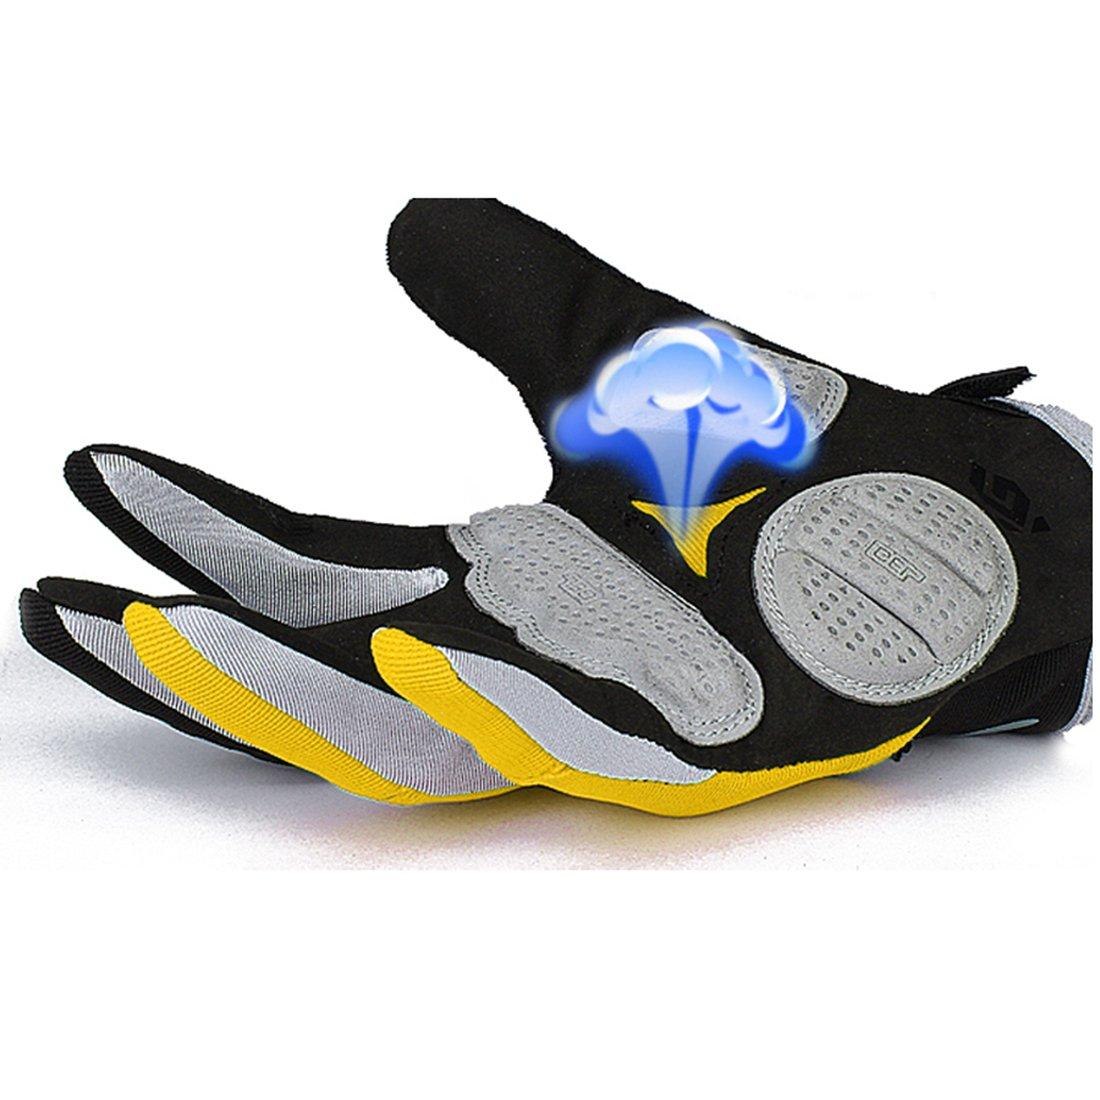 Cgecko Hombre Reflex Gel Bicicleta Guantes Ciclismo Esquí - Tabla de skate (Shock almohadillas, color Azul - azul, tamaño XL: Amazon.es: Deportes y aire ...